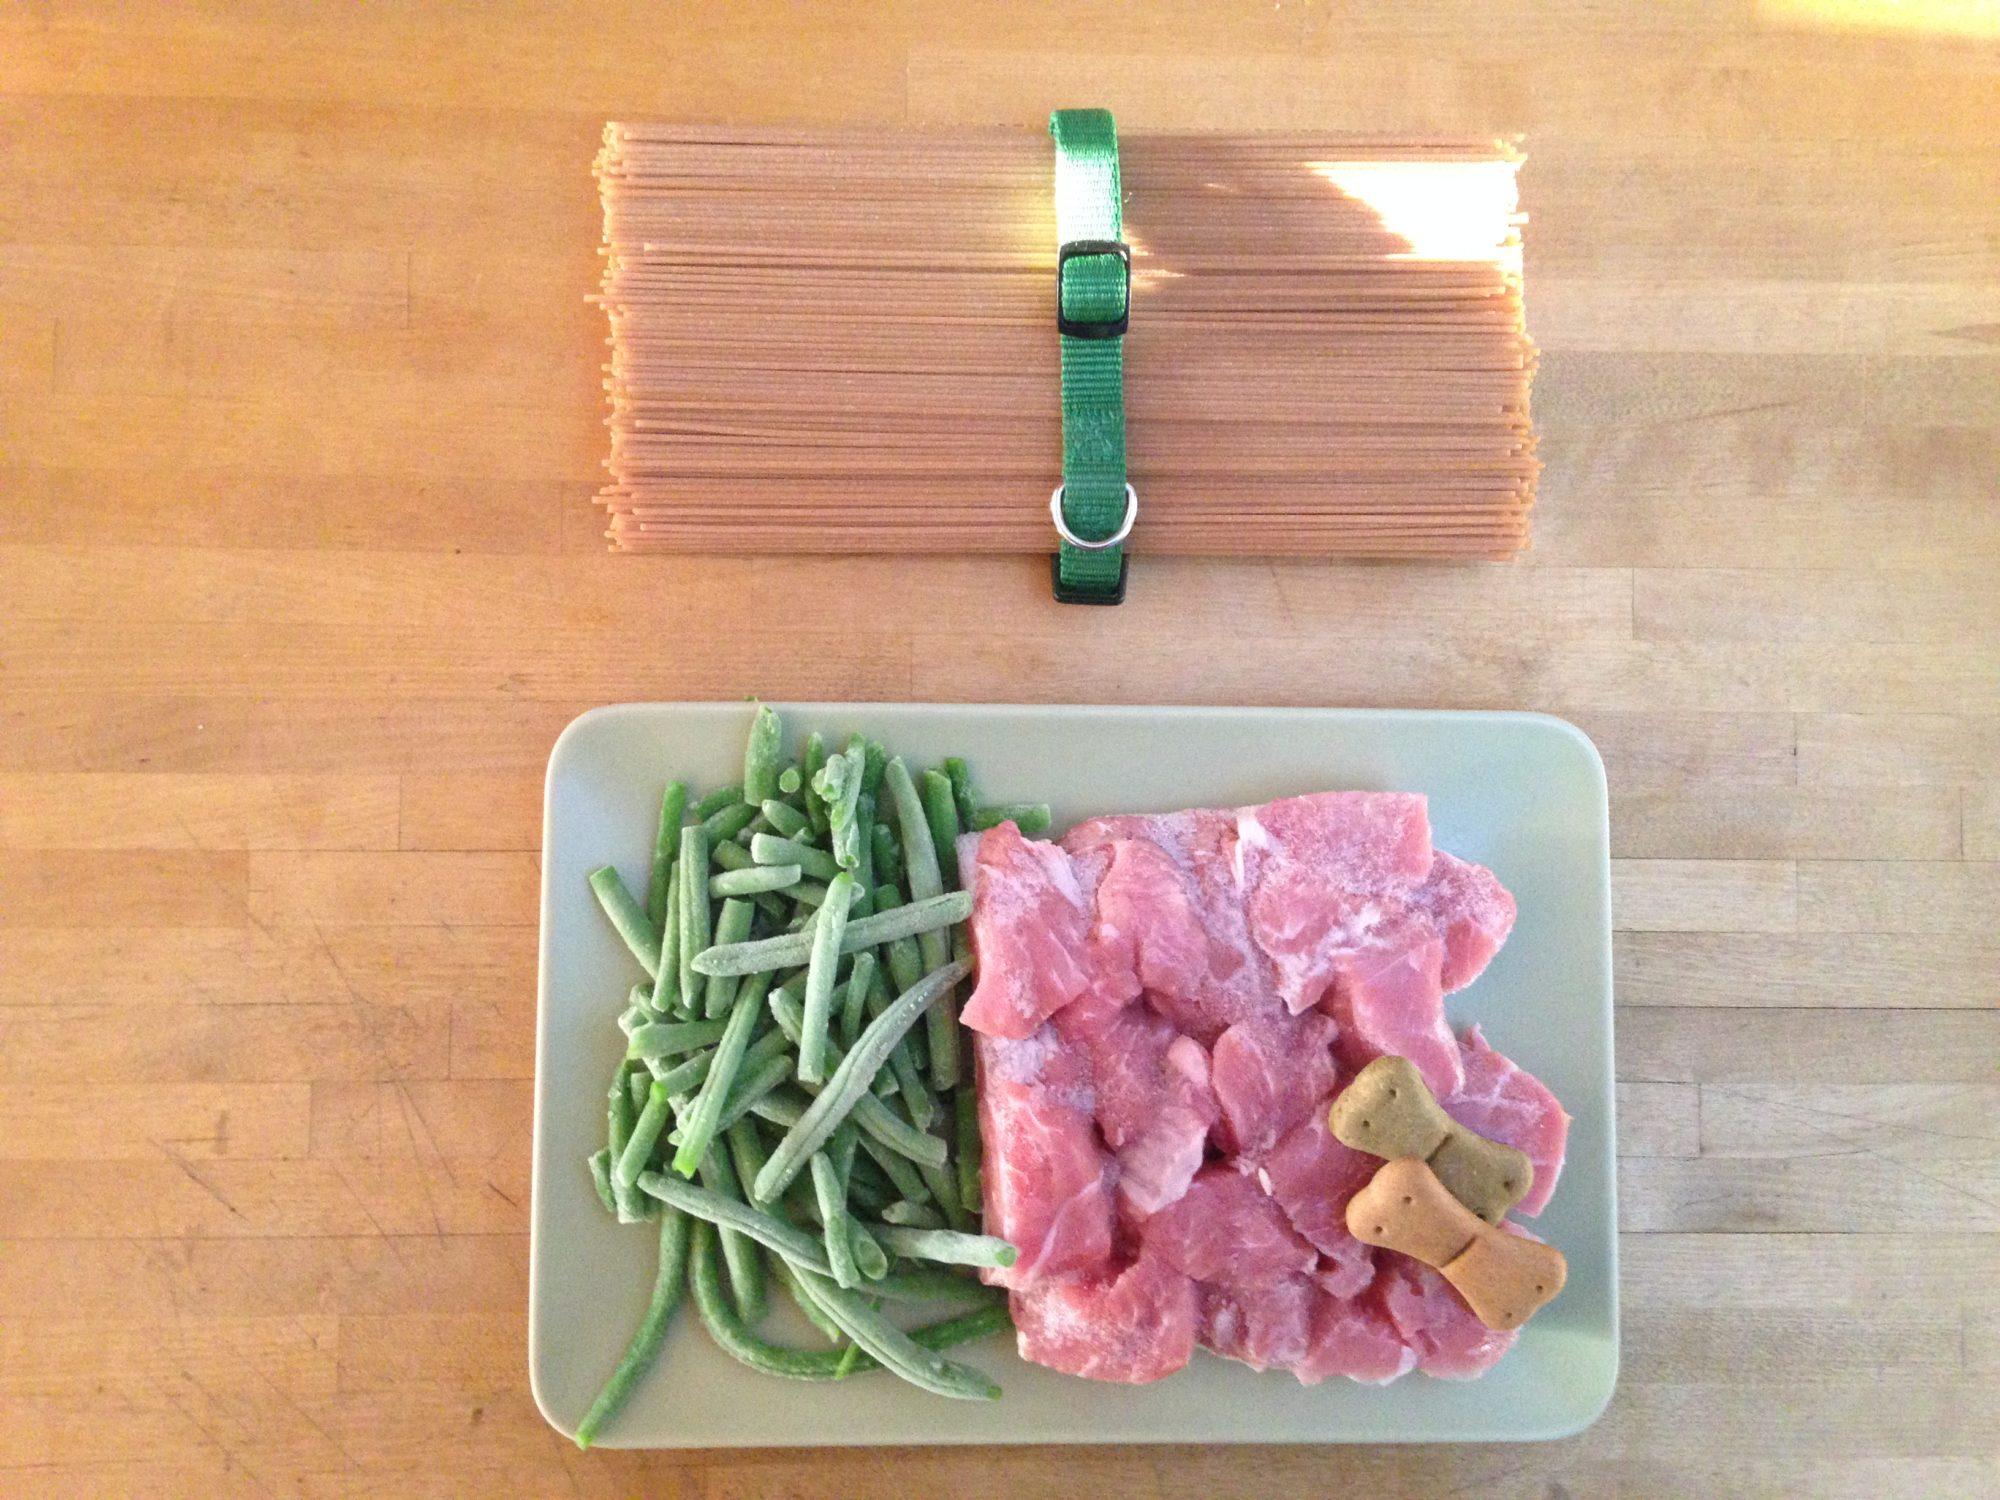 Bocconi di vitella con fagiolini e spaghetti integrali